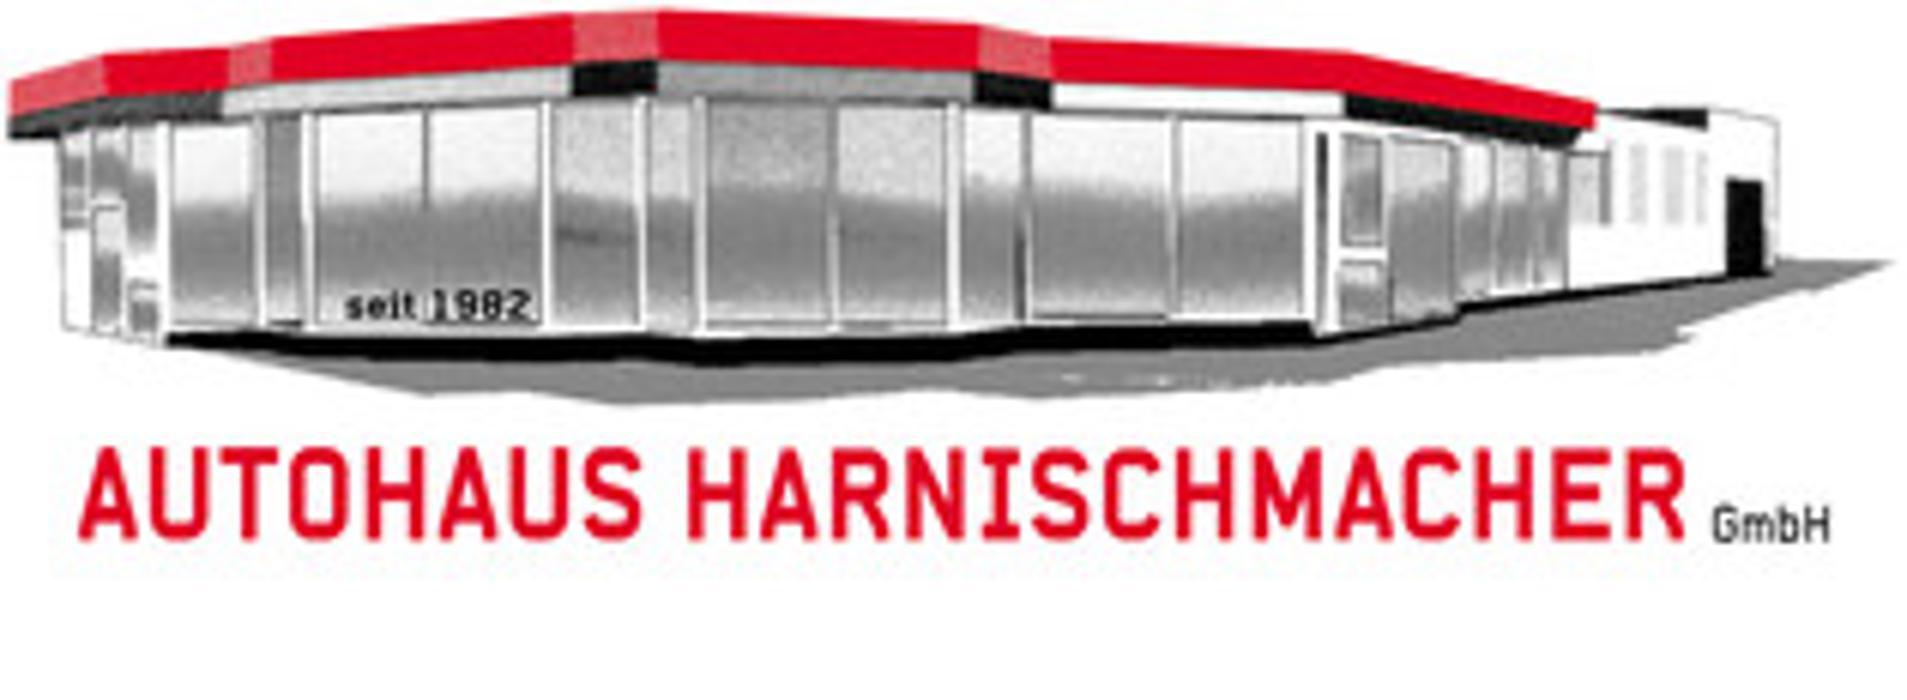 Bild zu Autohaus Harnischmacher GmbH in Radevormwald